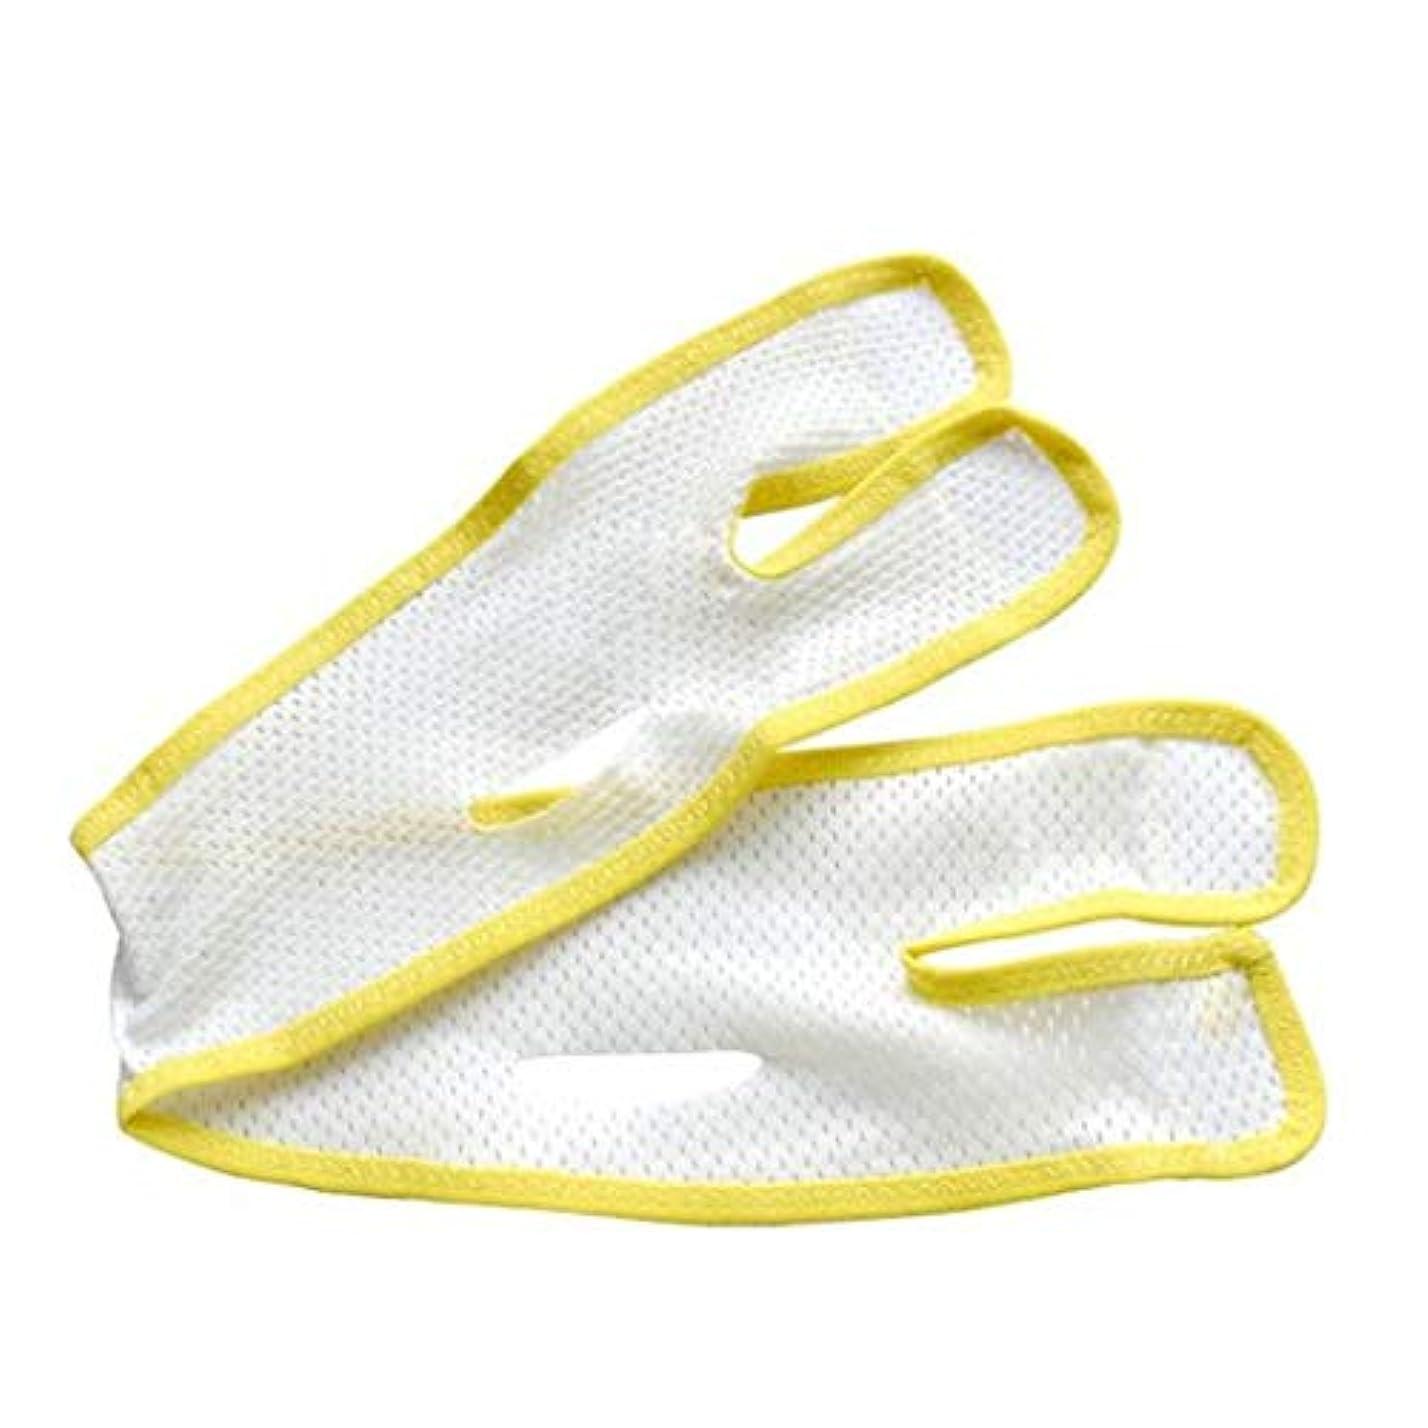 レオナルドダ持参なので通気性フェイスマスク - Vフェイスアーティファクト - 二重あご包帯を引き締める引き締め